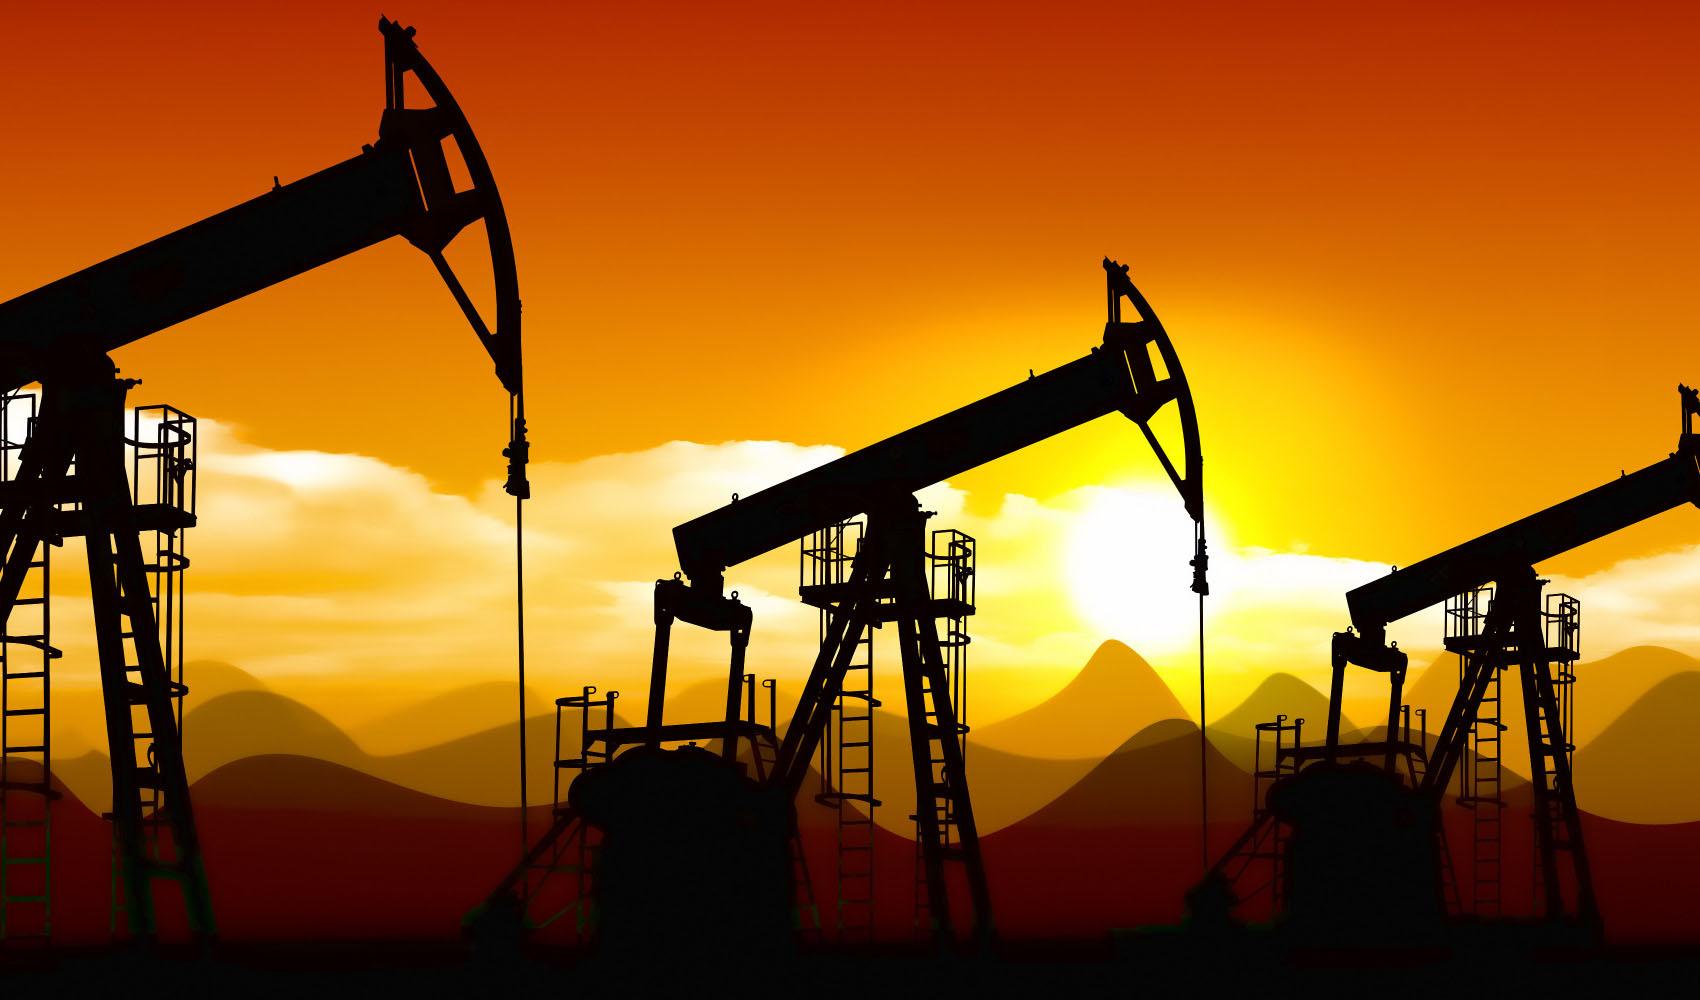 اولین واکنش شرکتهای شیل آمریکا در مواجهه با نفت بشکهای ۳۰ دلار